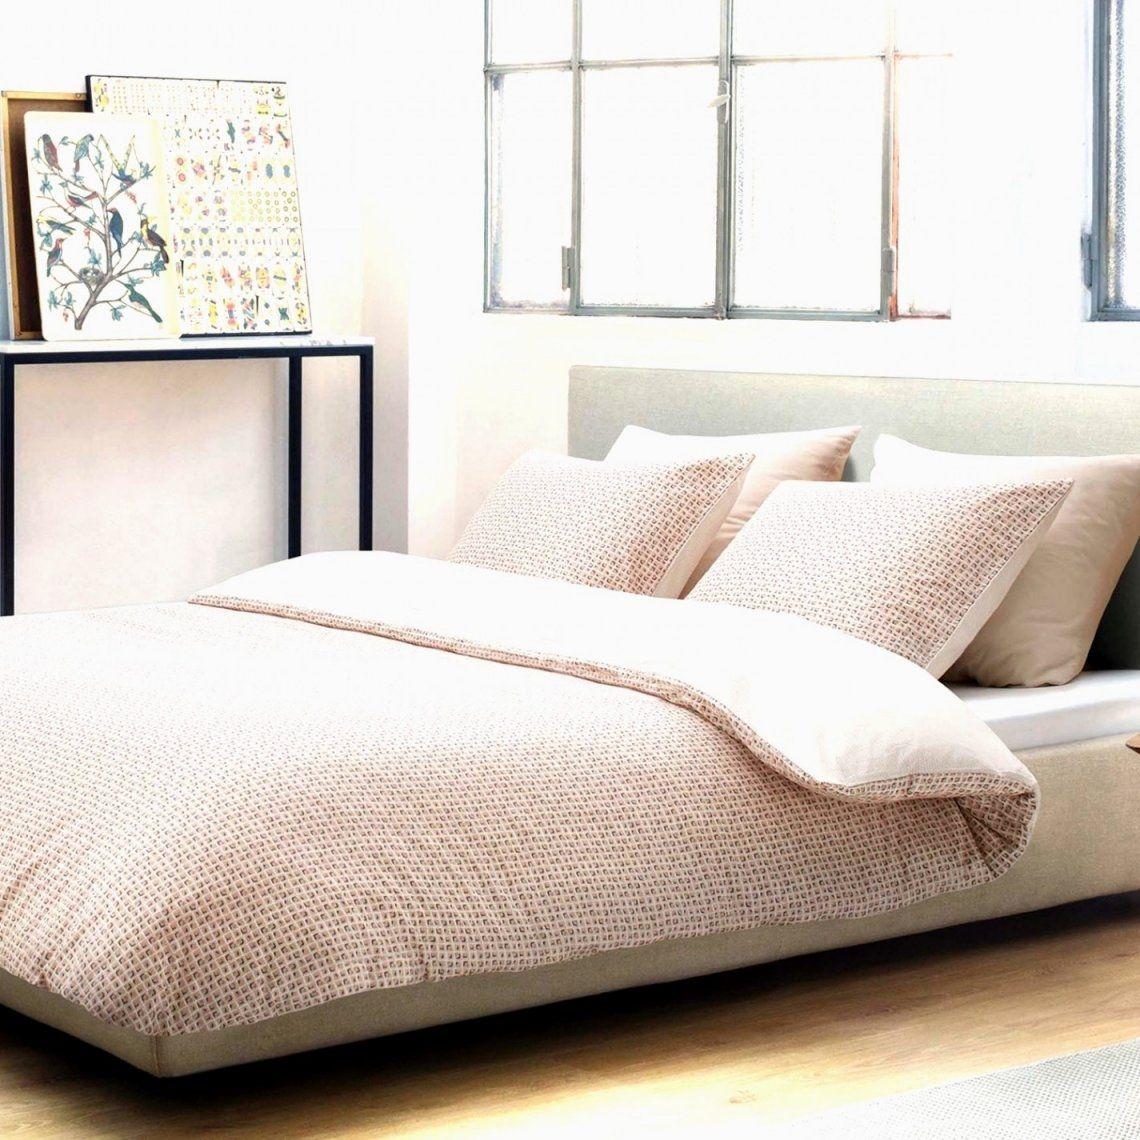 80 Rustikal Leinen Bettwasche 155x220 1000 Schlafzimmer Ideen